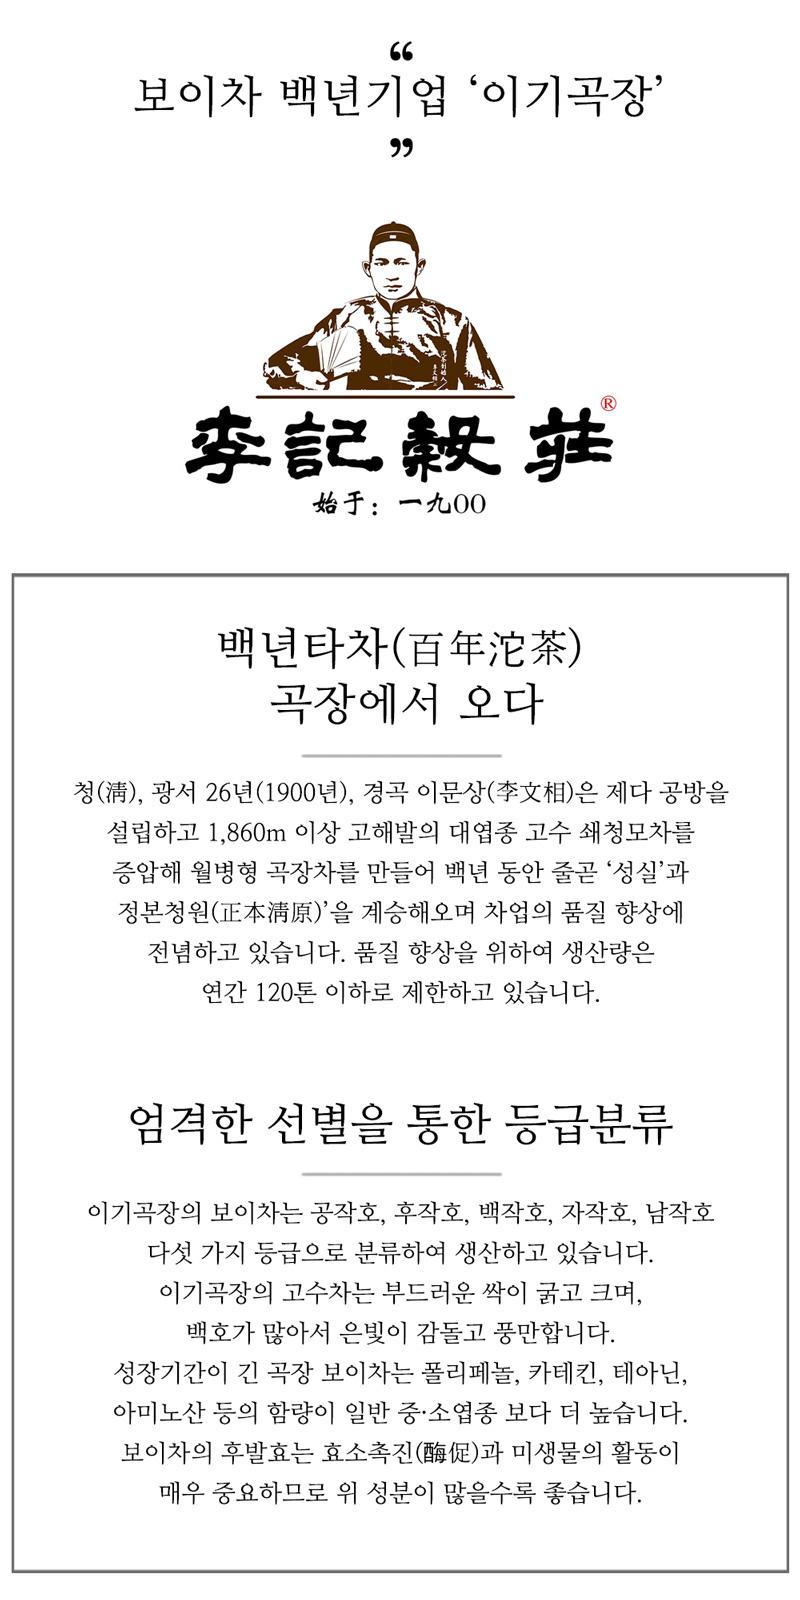 이기곡장_공통_800px_최종_01.jpg